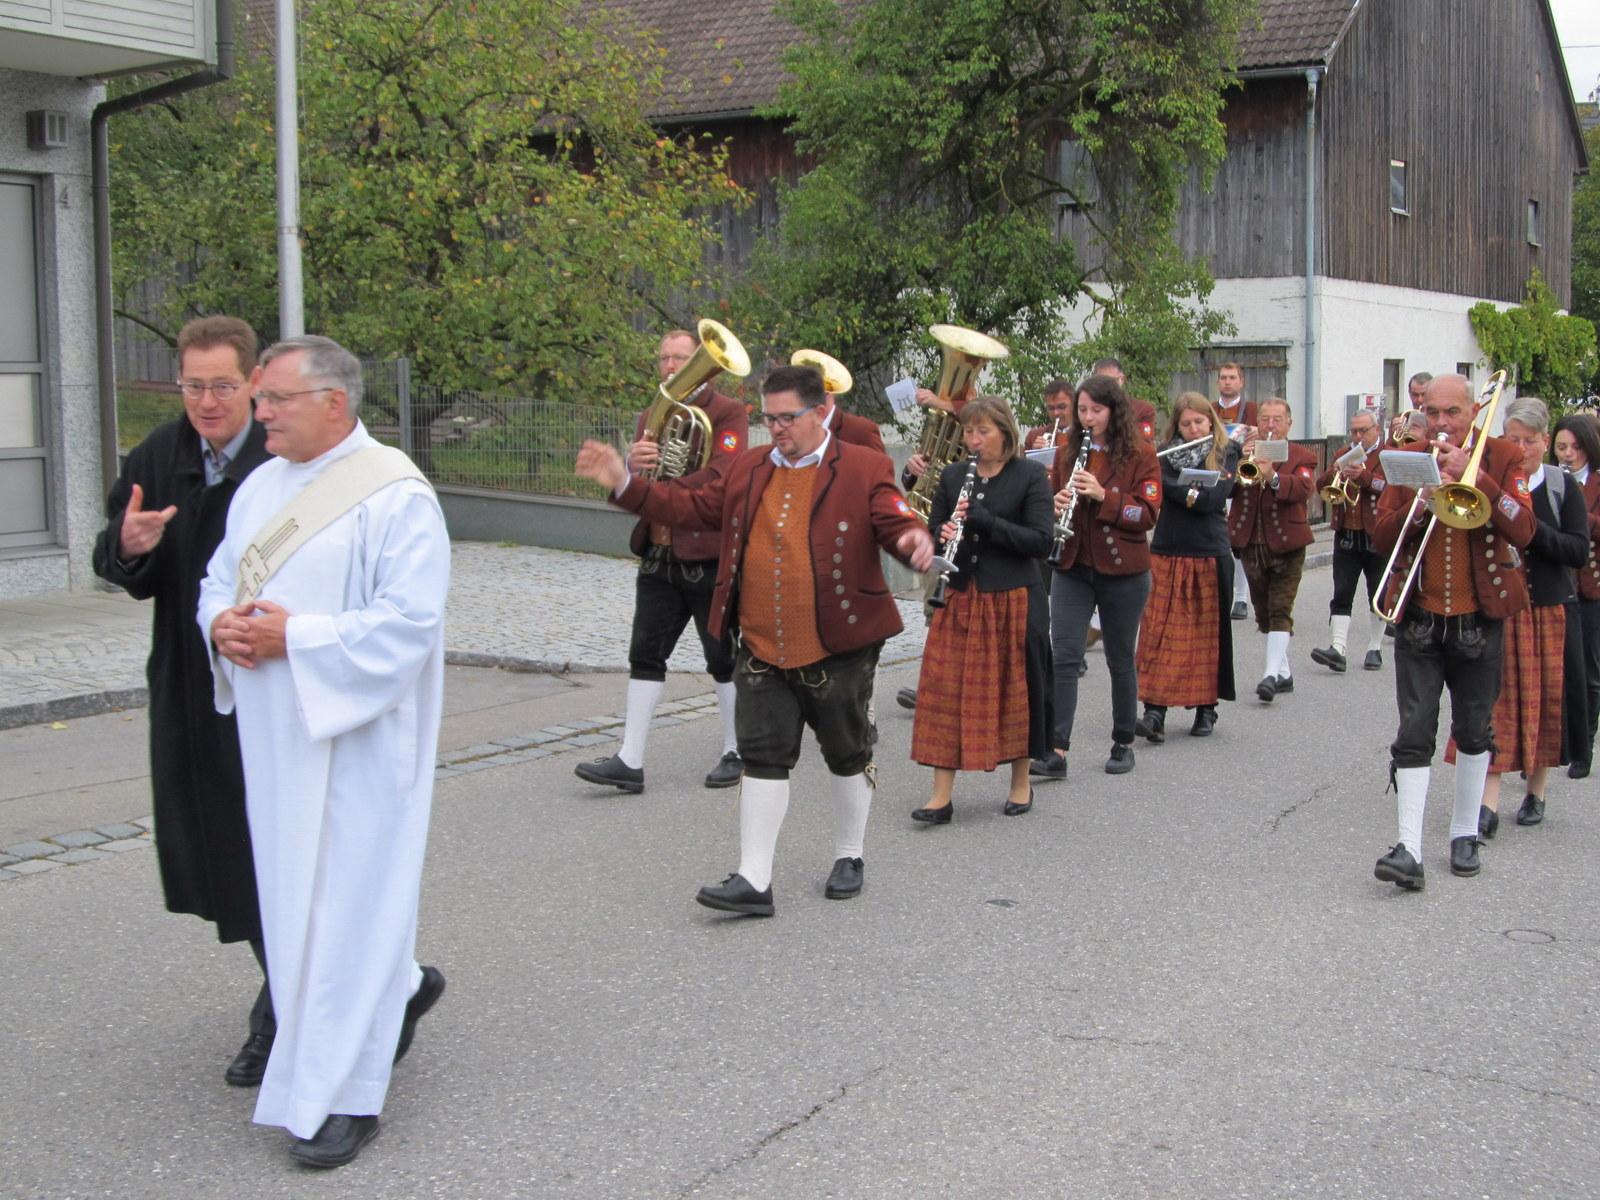 Diakon Scharpf und der Musikverein Gablingen führen den Zug an